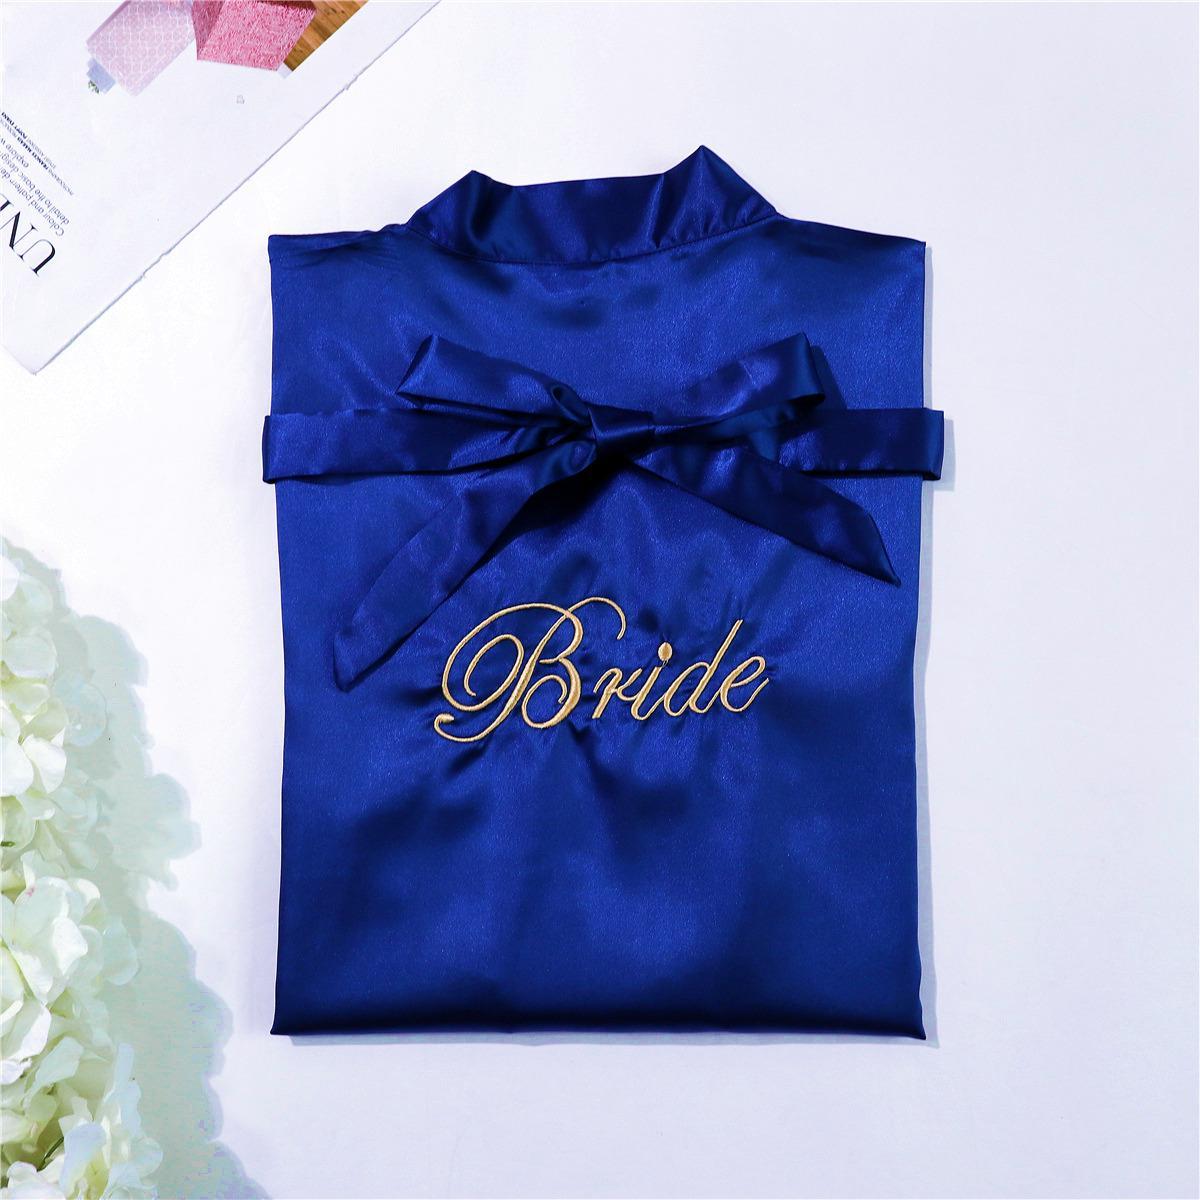 Bride - blue